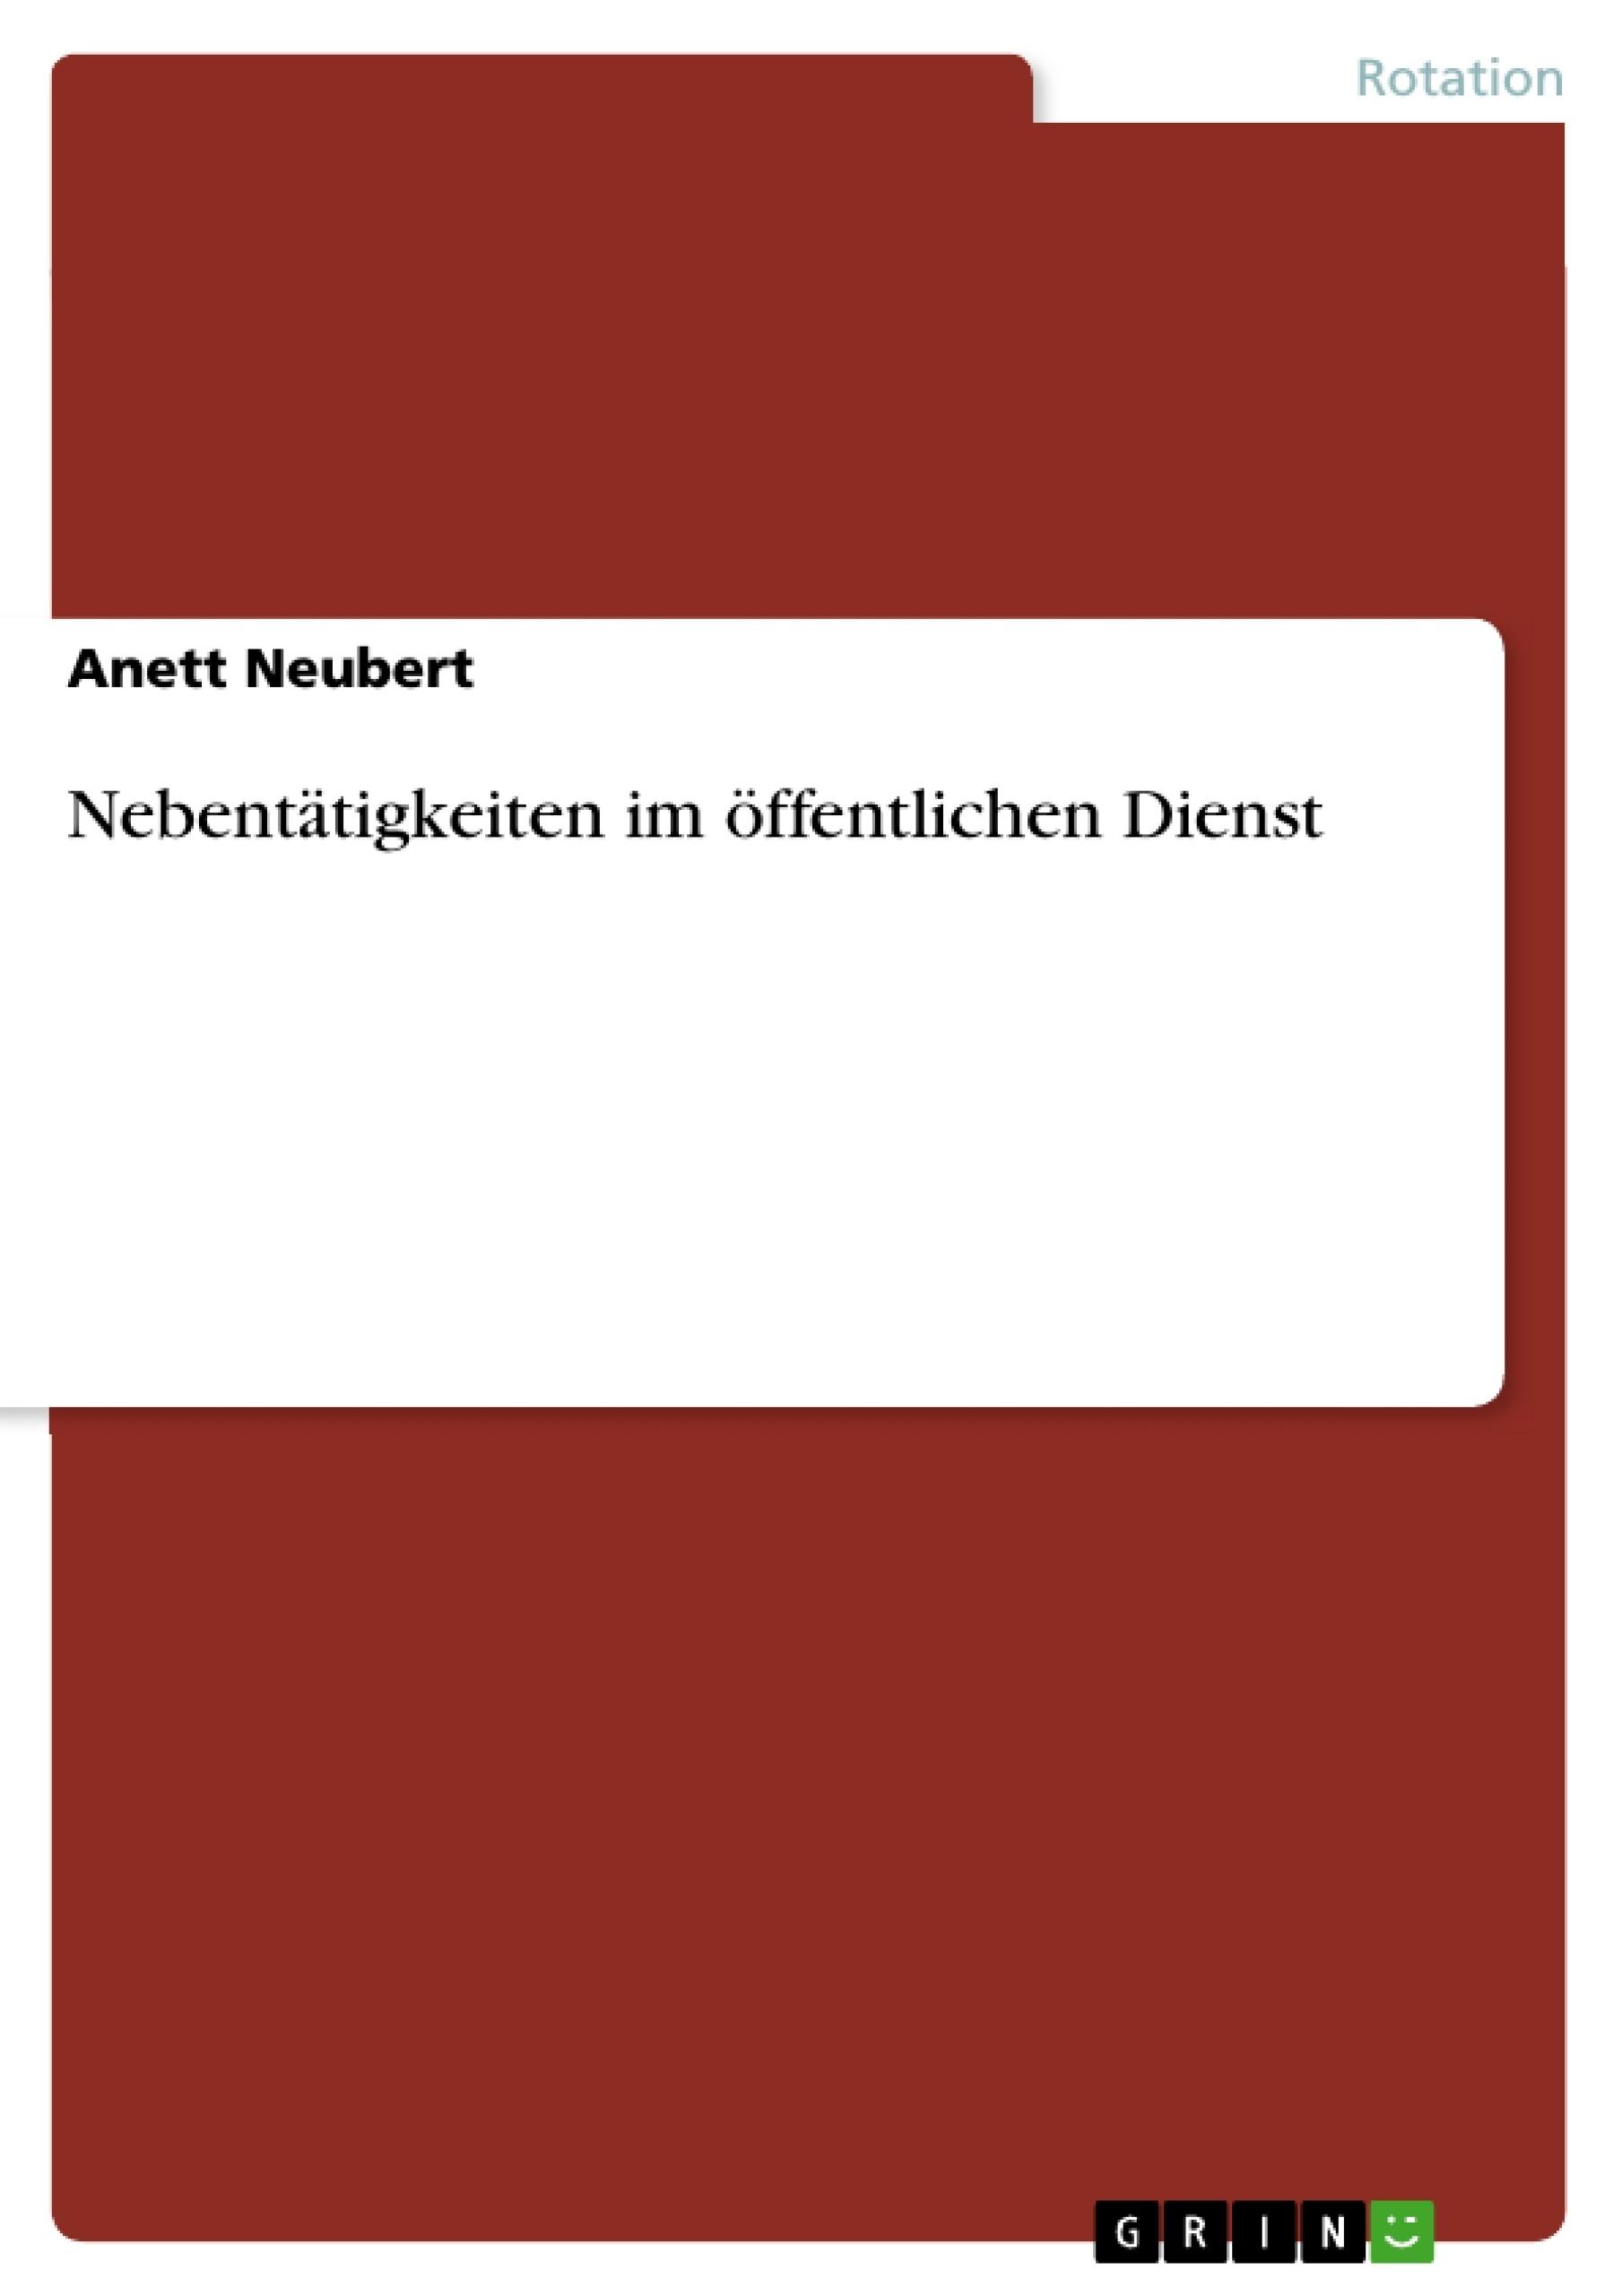 Titel: Nebentätigkeiten im öffentlichen Dienst